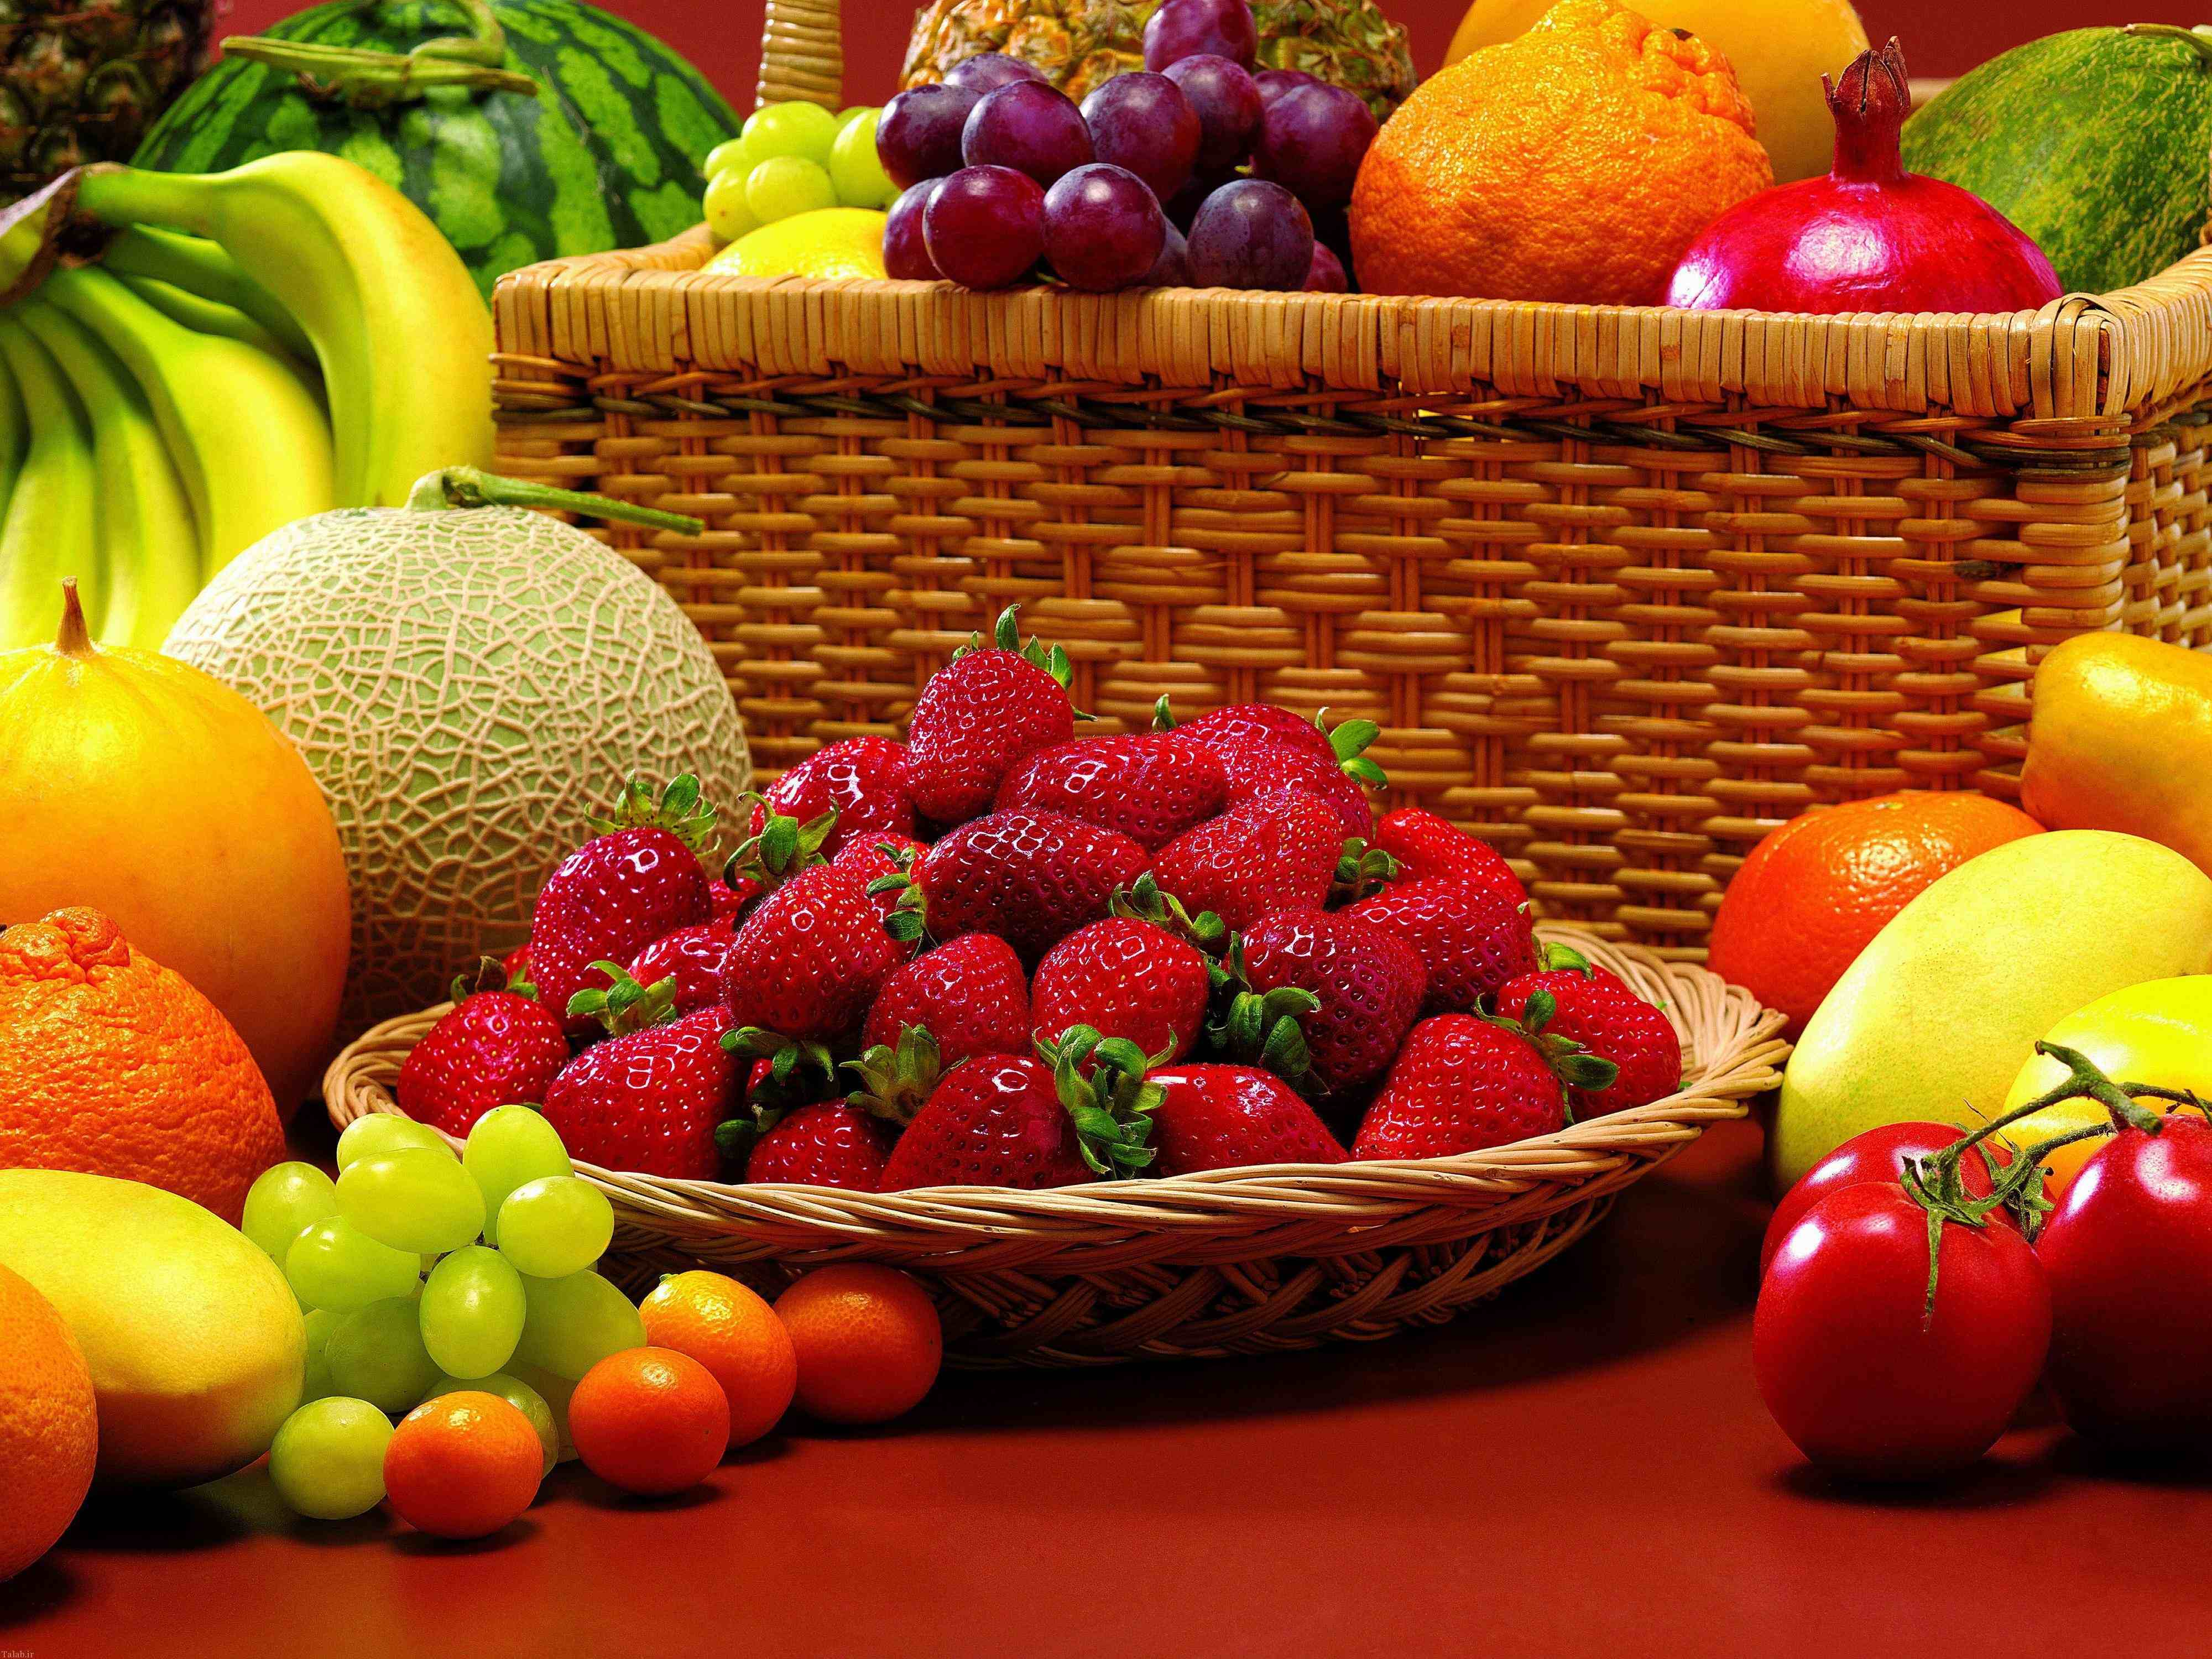 انشا درمورد میوه ها